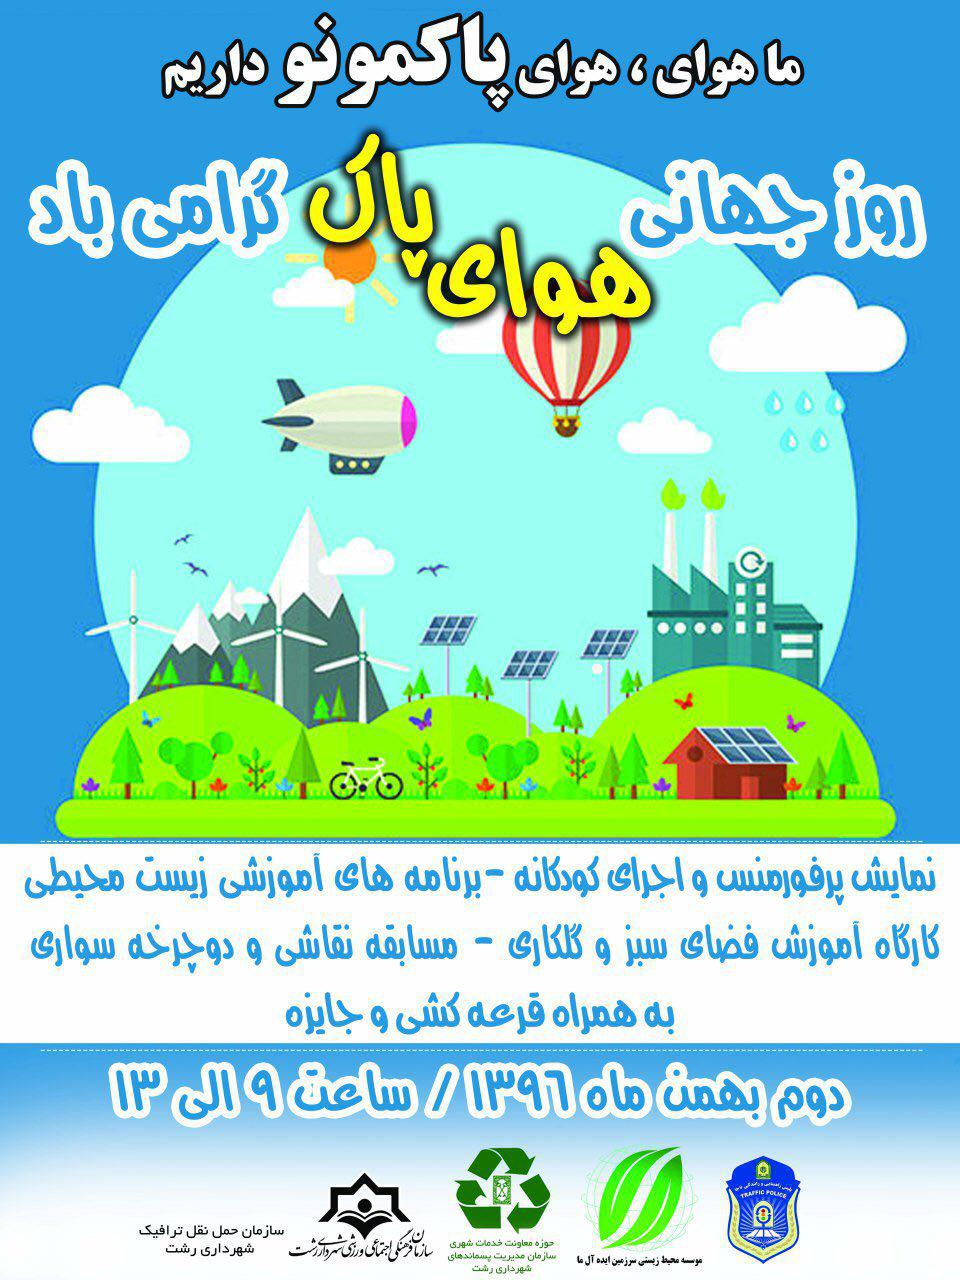 ویژه برنامه روز جهانی هوای پاک